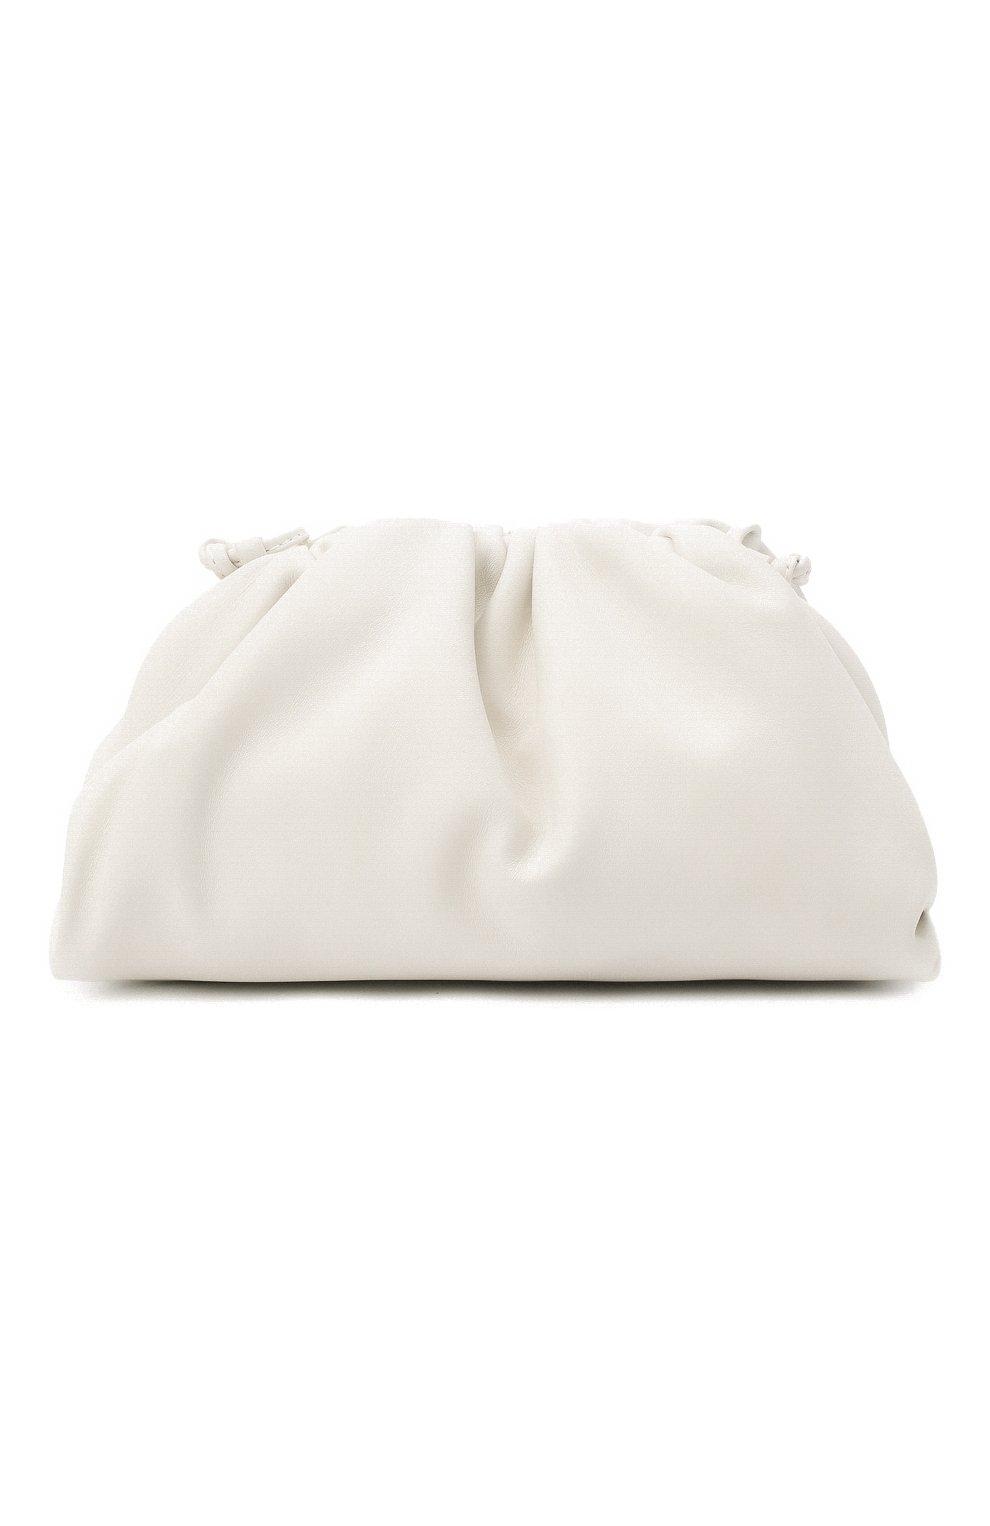 Женский клатч pouch mini BOTTEGA VENETA белого цвета, арт. 585852/VCP40 | Фото 1 (Материал: Натуральная кожа; Женское Кросс-КТ: Клатч-клатчи; Размер: mini; Ремень/цепочка: На ремешке)